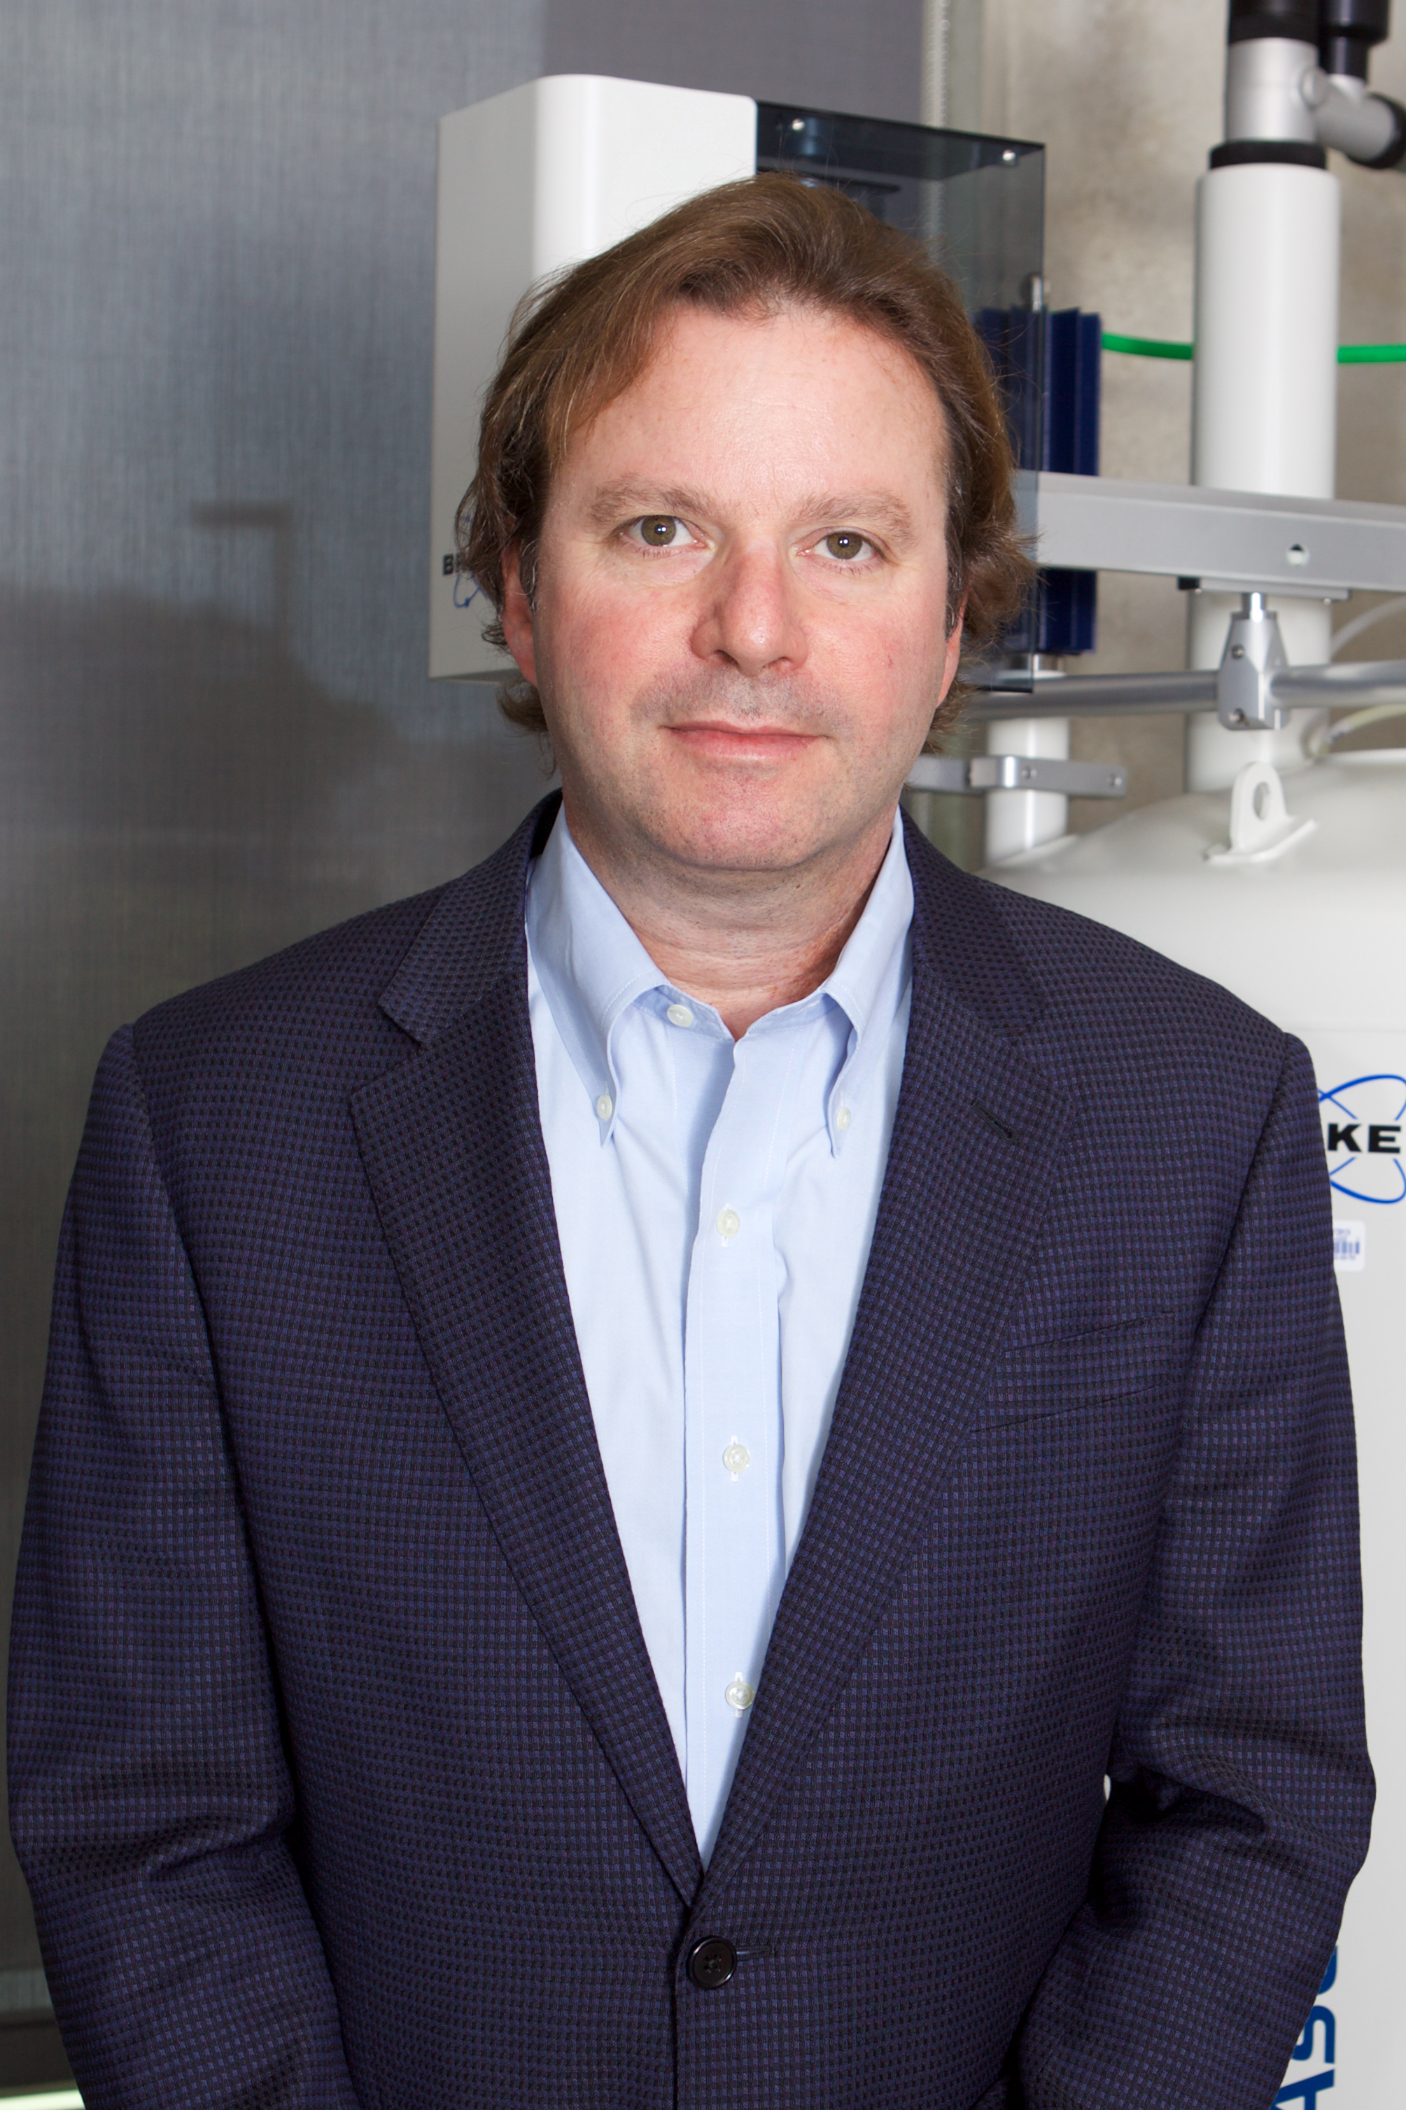 Eric Ahrens, PhD